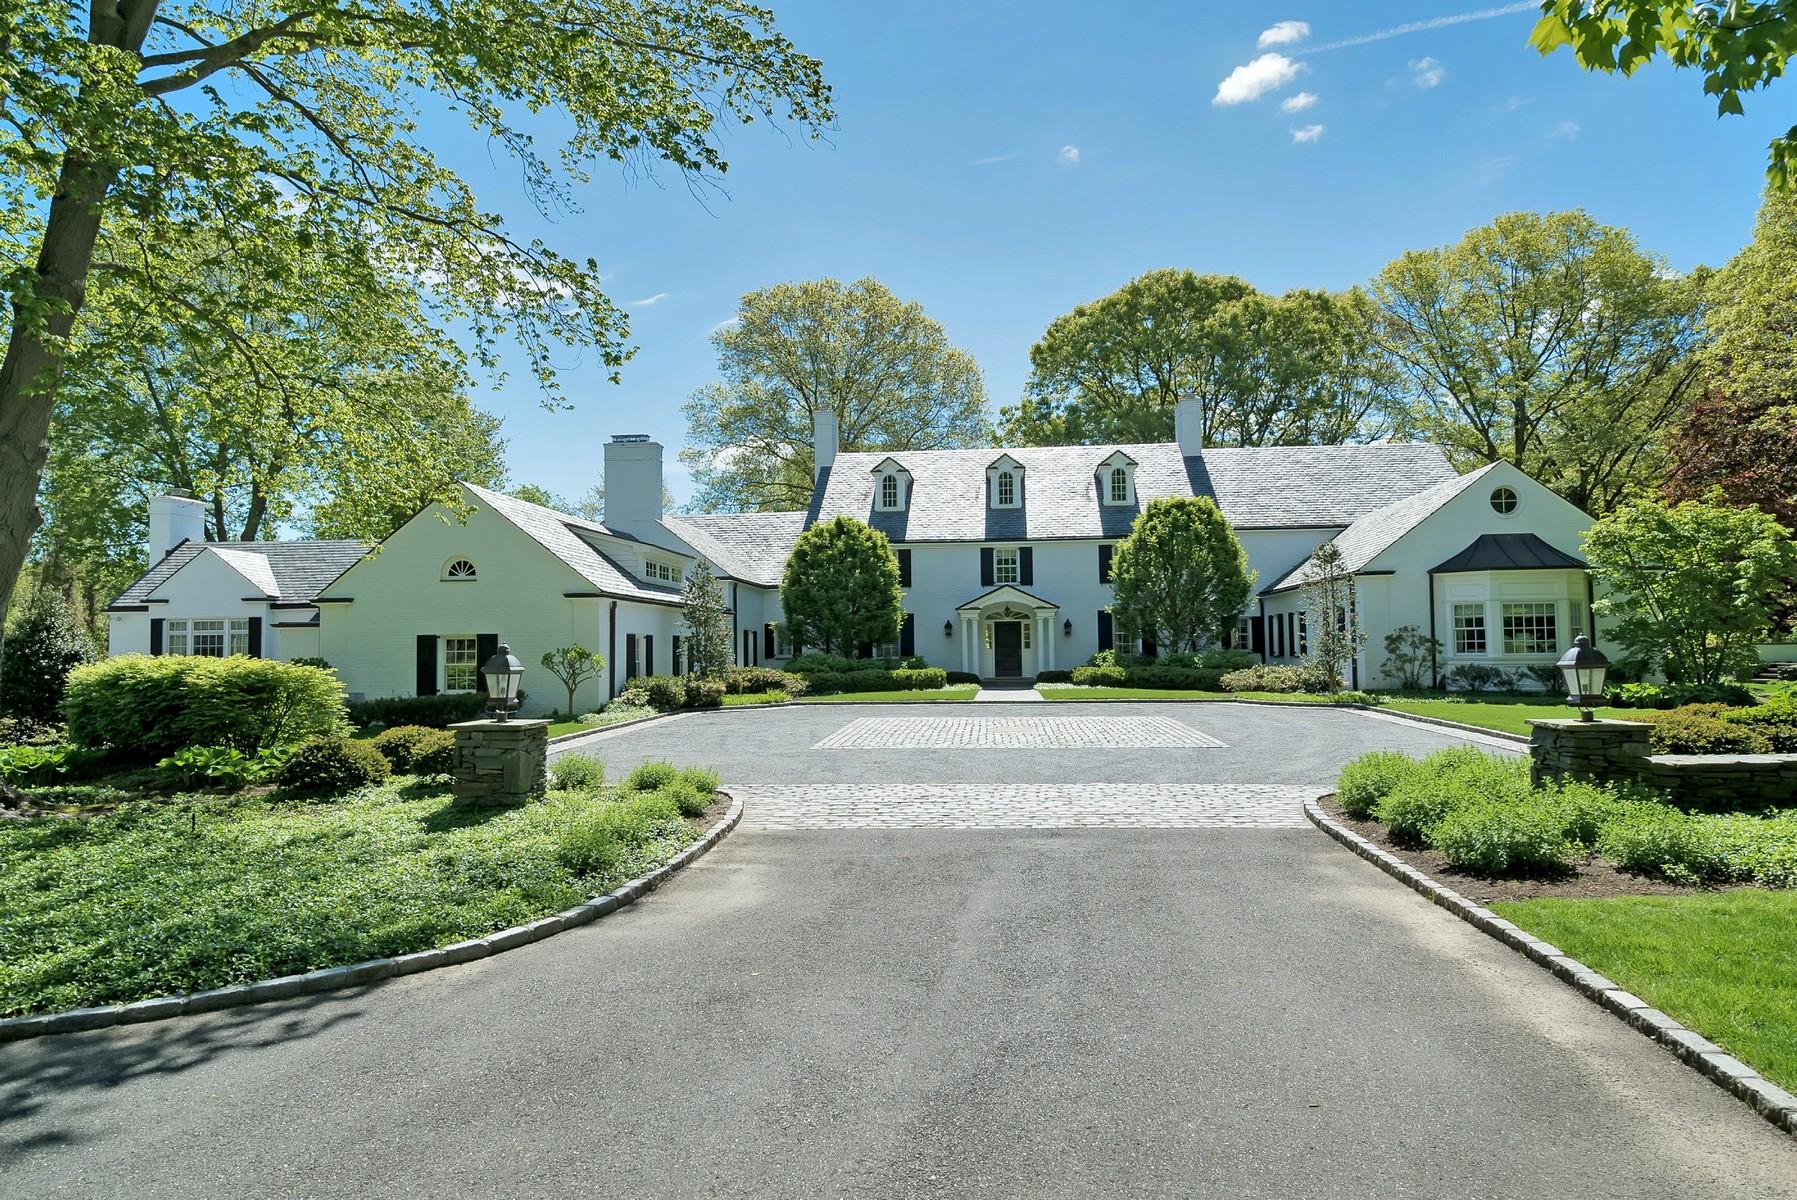 Tek Ailelik Ev için Satış at Estate 530 Chicken Valley Rd Matinecock, New York, 11560 Amerika Birleşik Devletleri